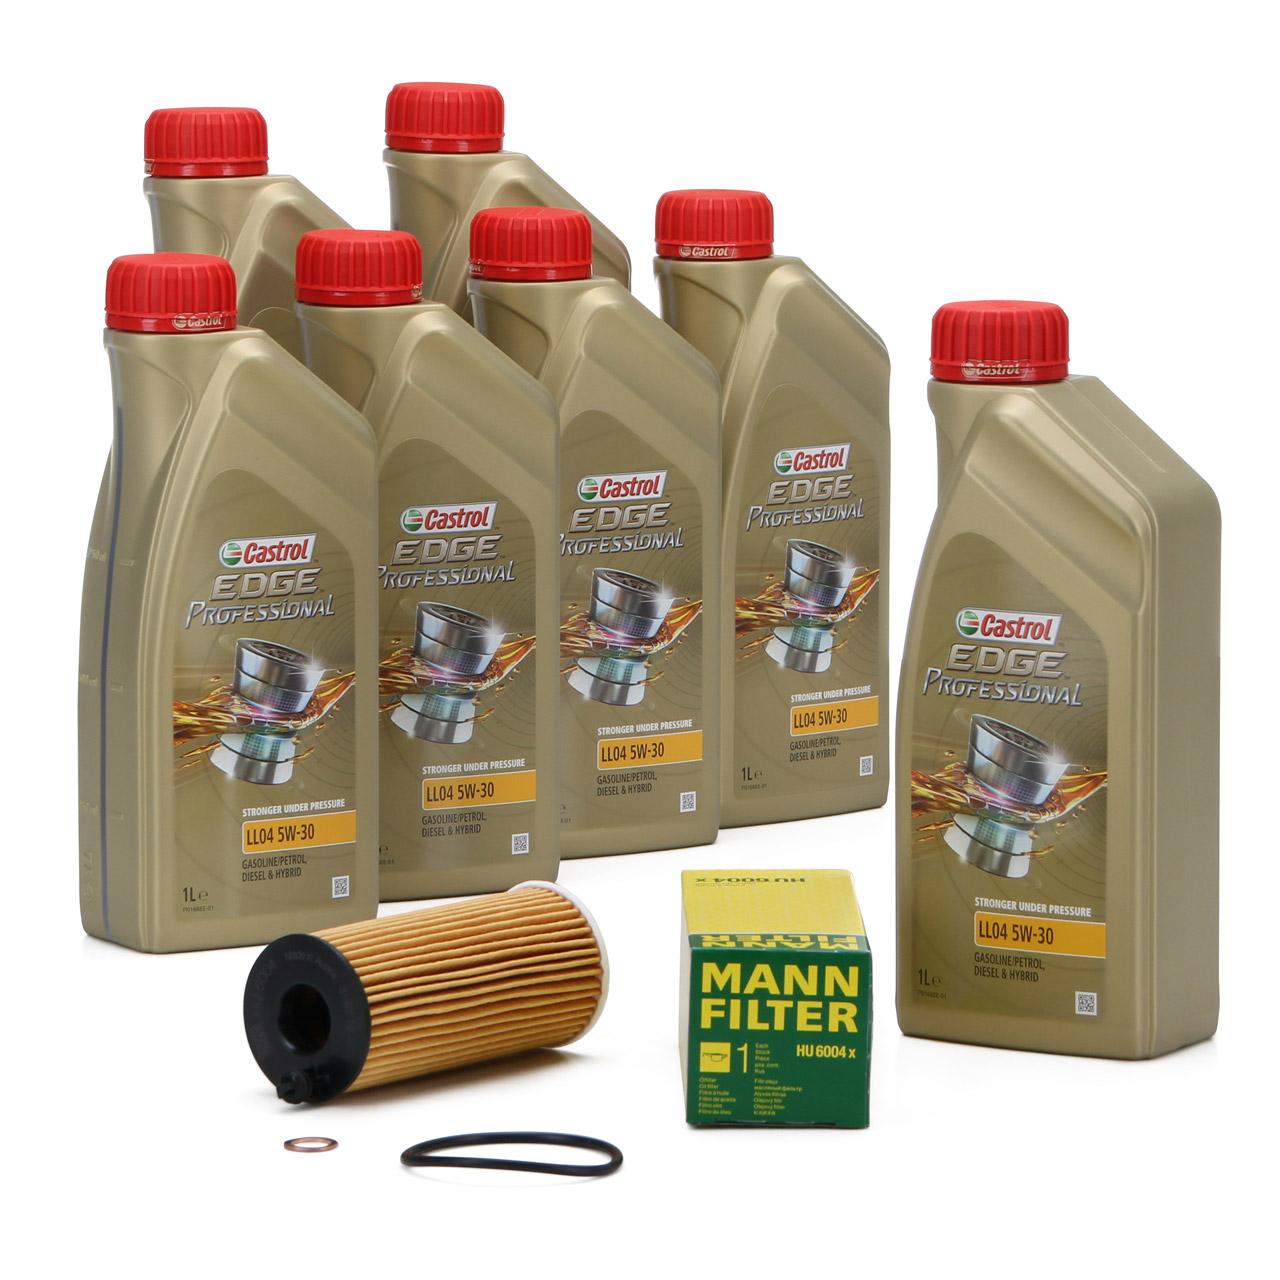 CASTROL EDGE Professional Motoröl Öl LL04 5W-30 7L + MANN Ölfilter HU6004x